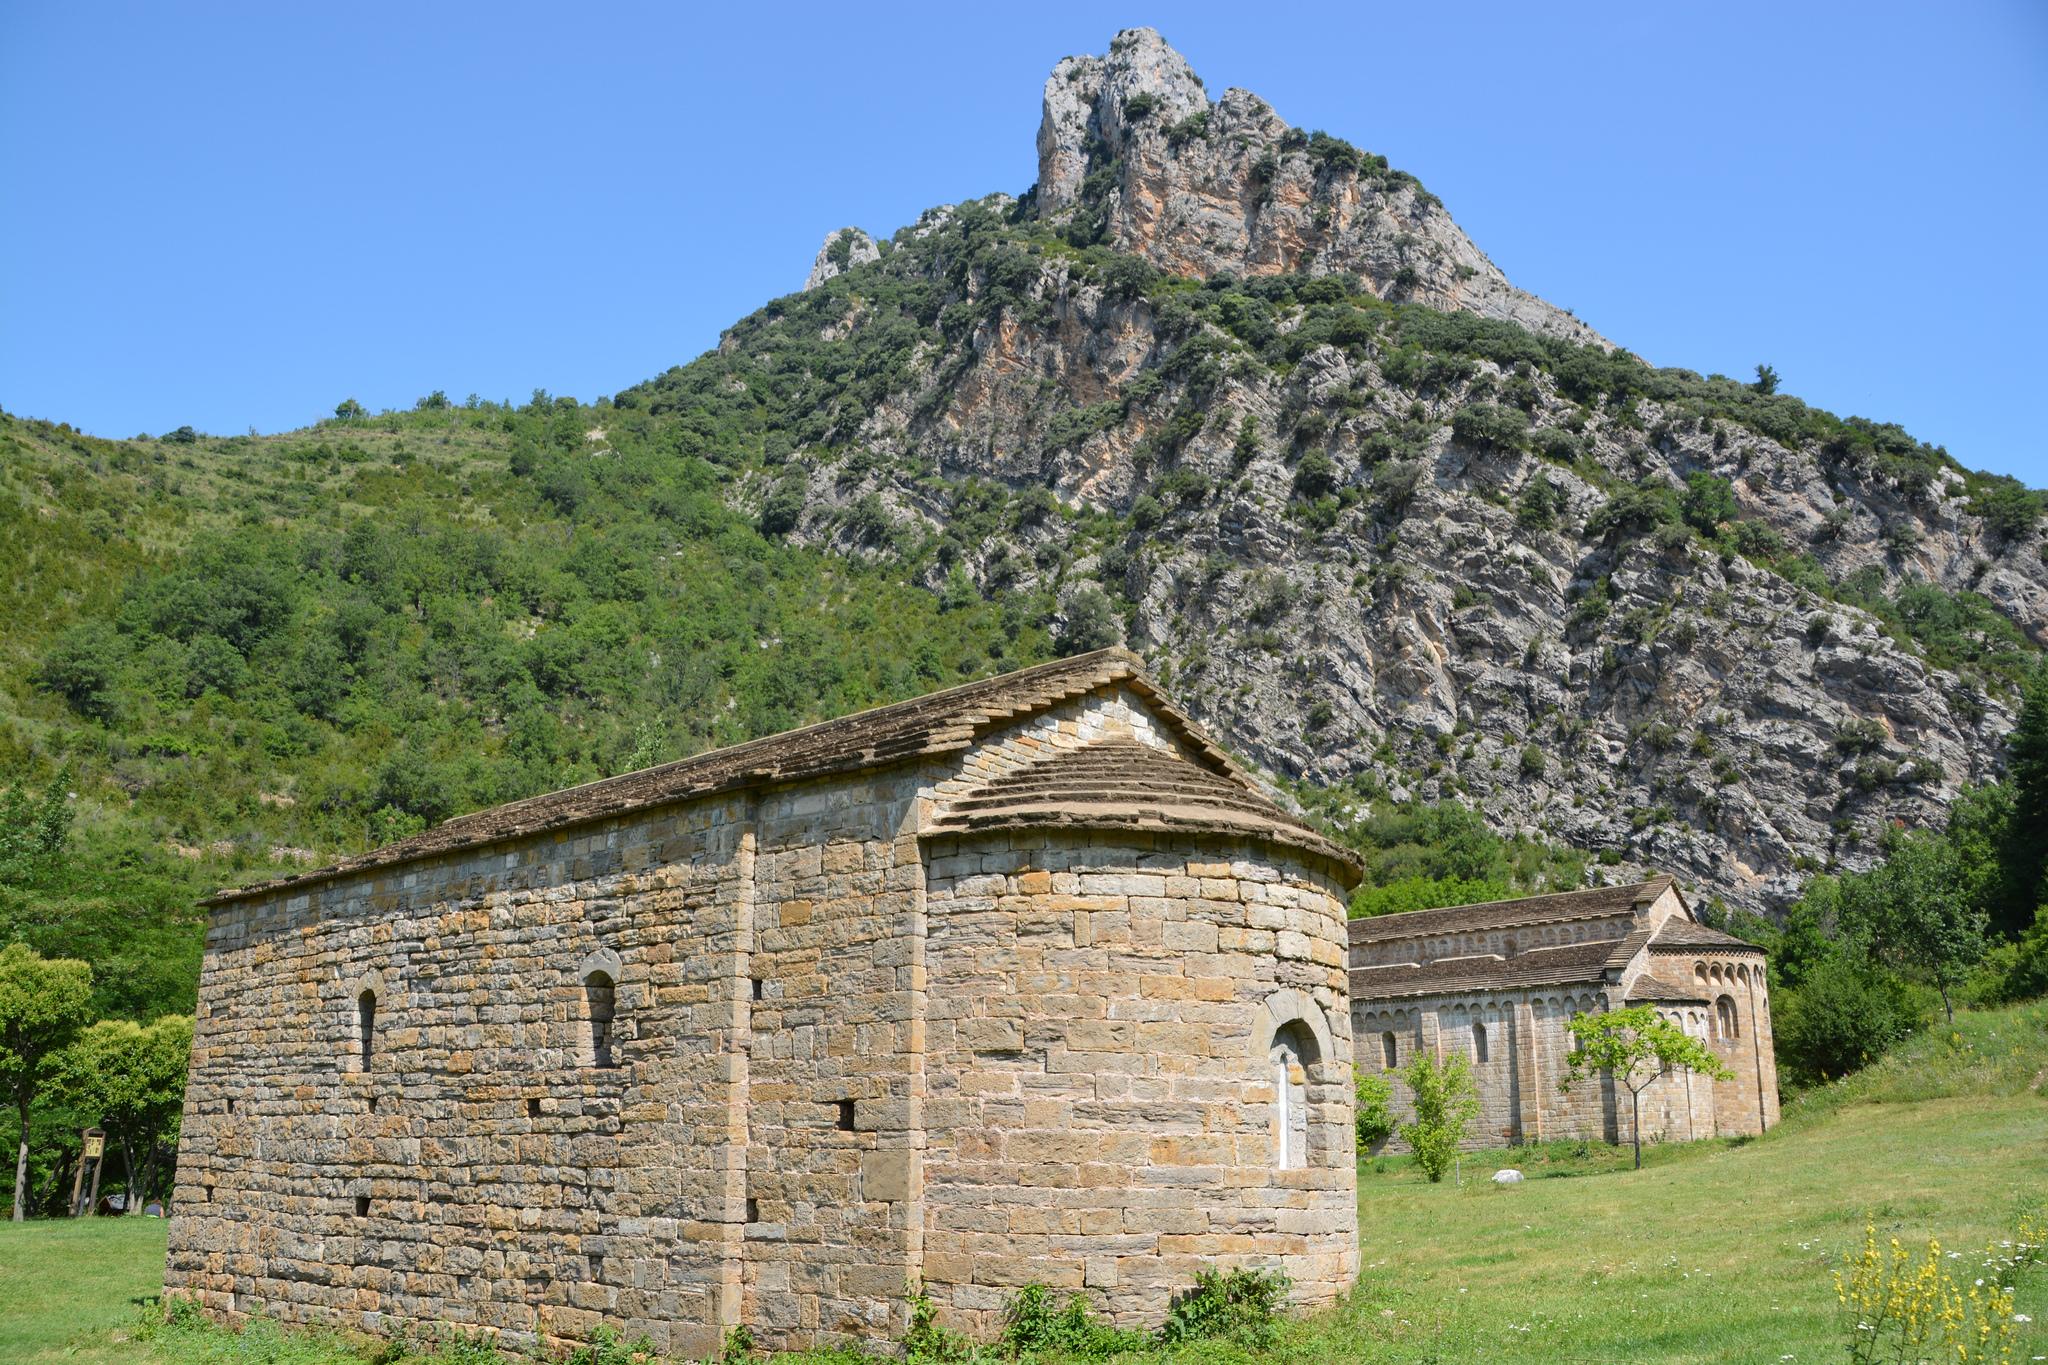 ⛪️ El Monasterio de Obarra y la Leyenda del Barón de Espés 👻